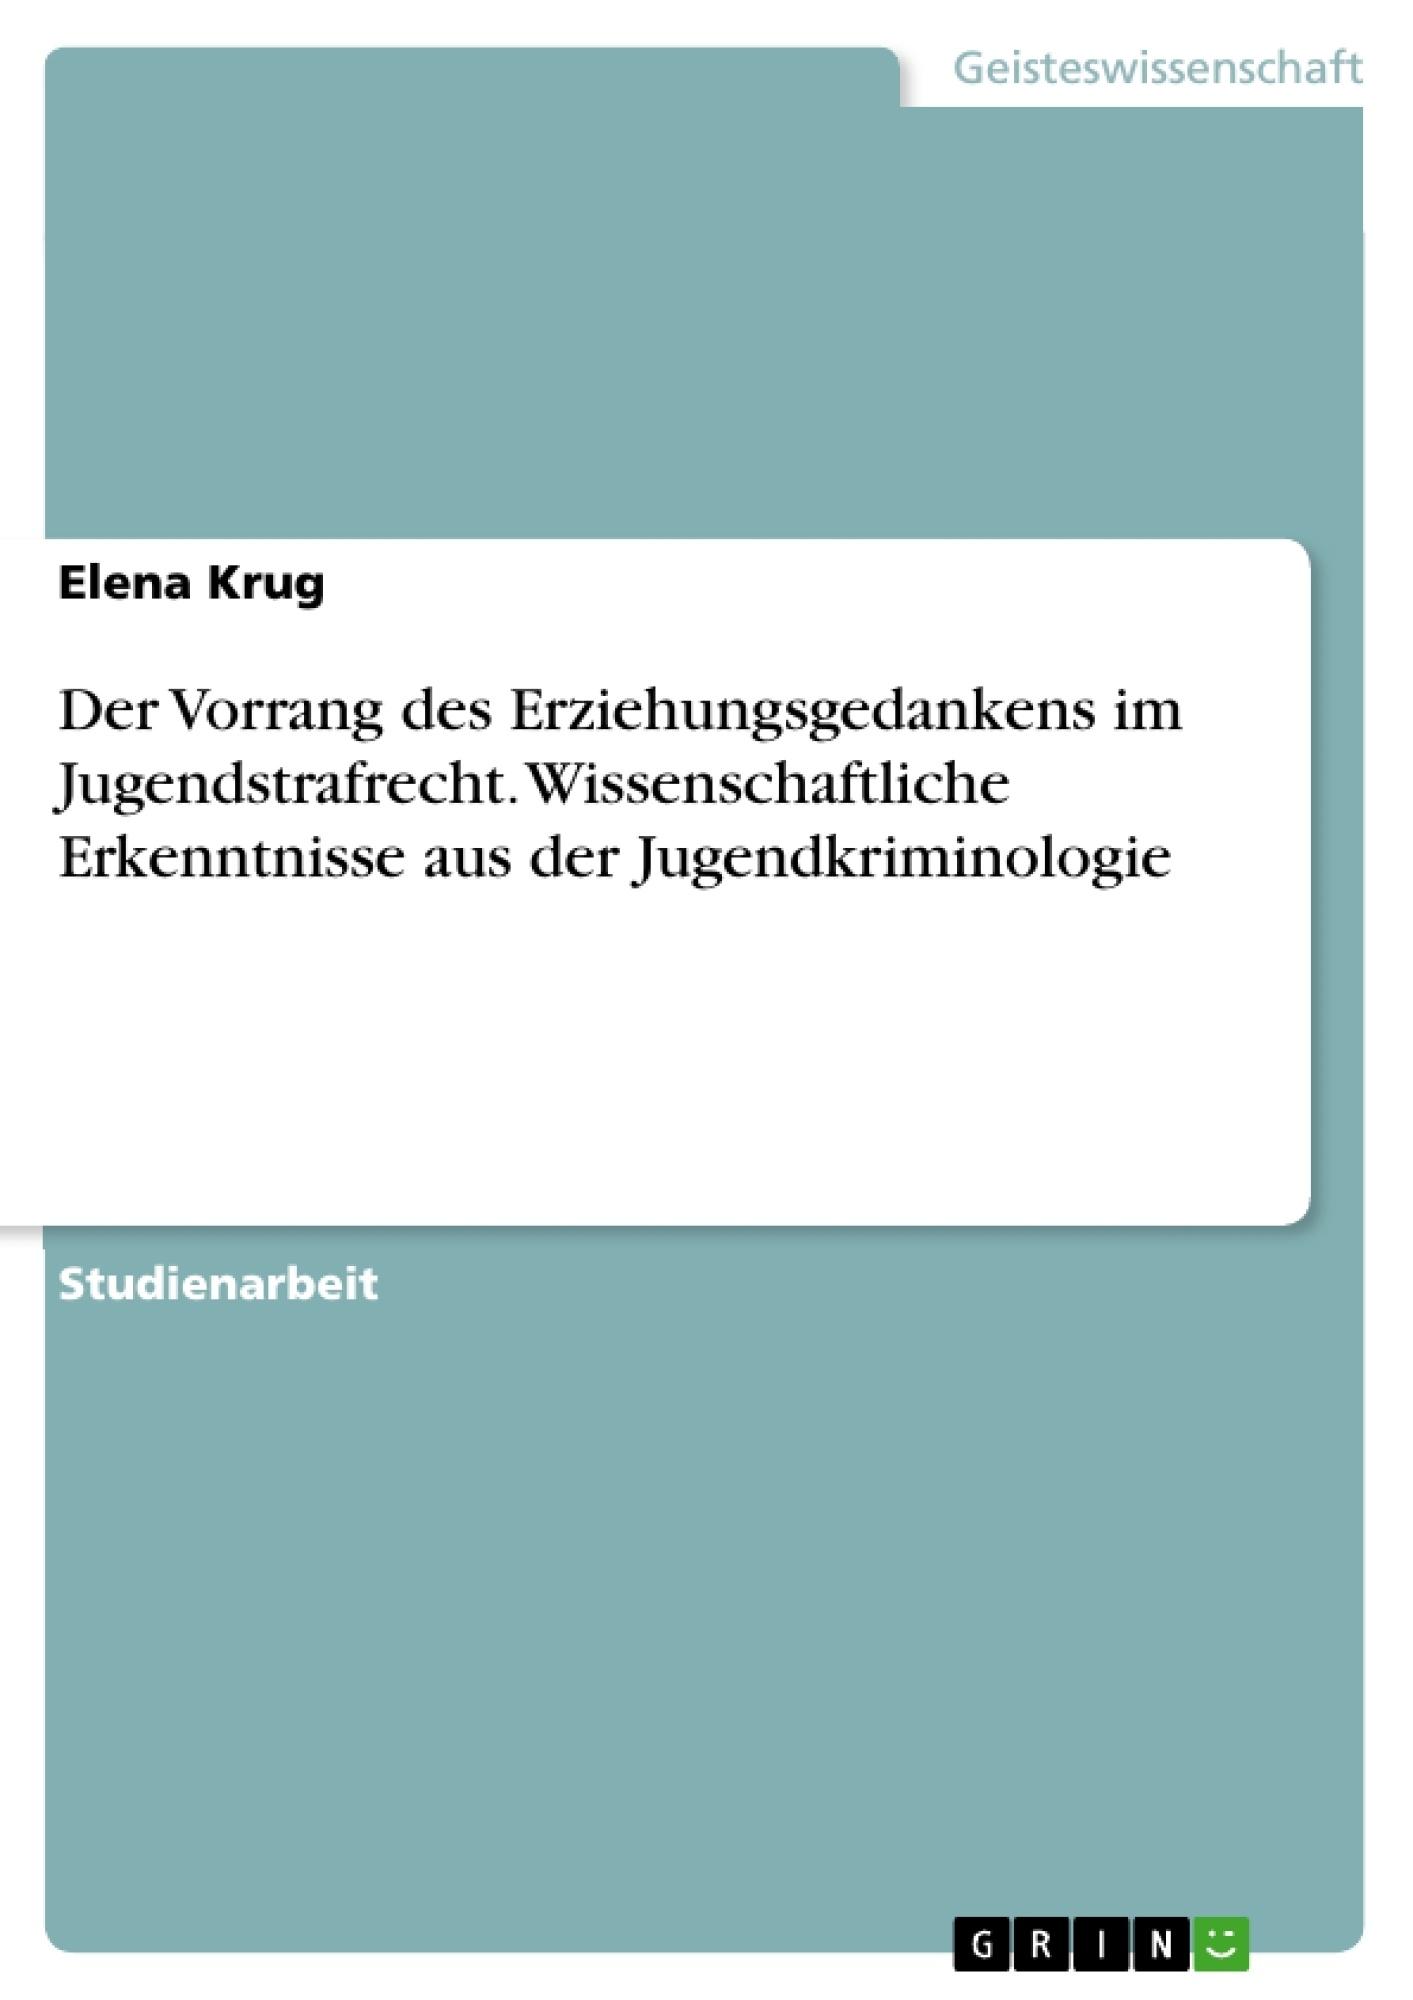 Titel: Der Vorrang des Erziehungsgedankens im Jugendstrafrecht. Wissenschaftliche Erkenntnisse aus der Jugendkriminologie